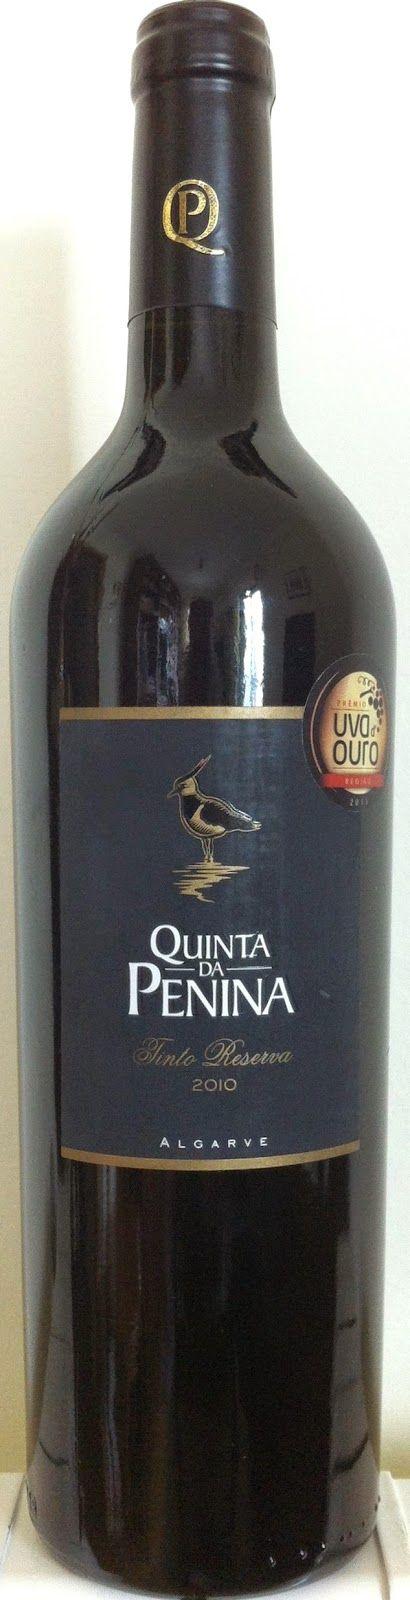 Vinho Quinta da Penina, Reserve 2012 - Algarve - Portugal